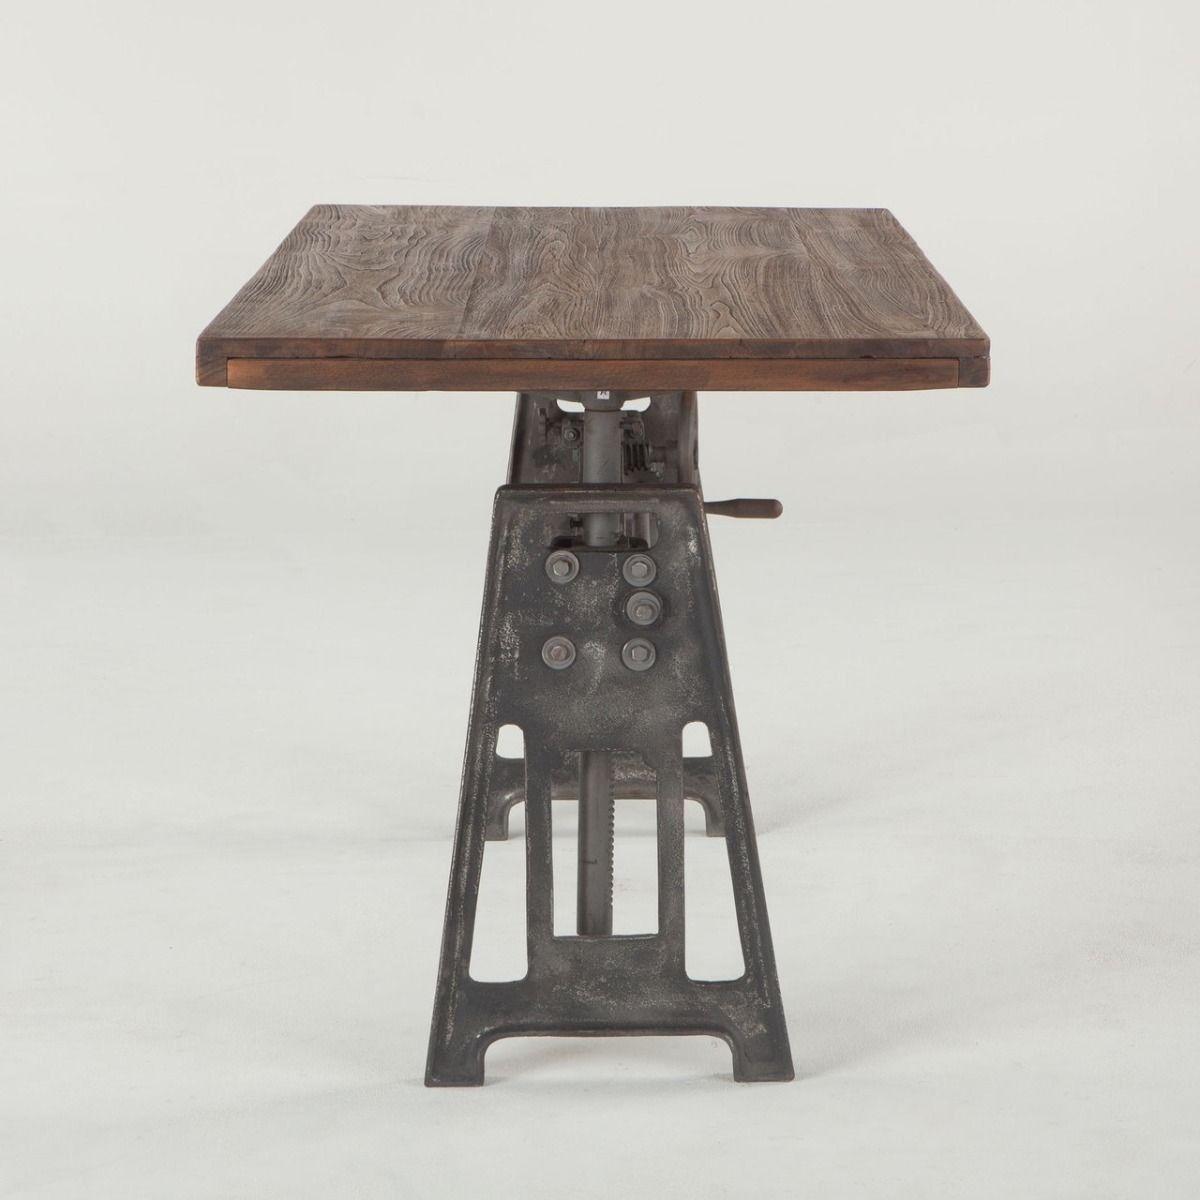 Industrial Steel Crank Adjustable Desk